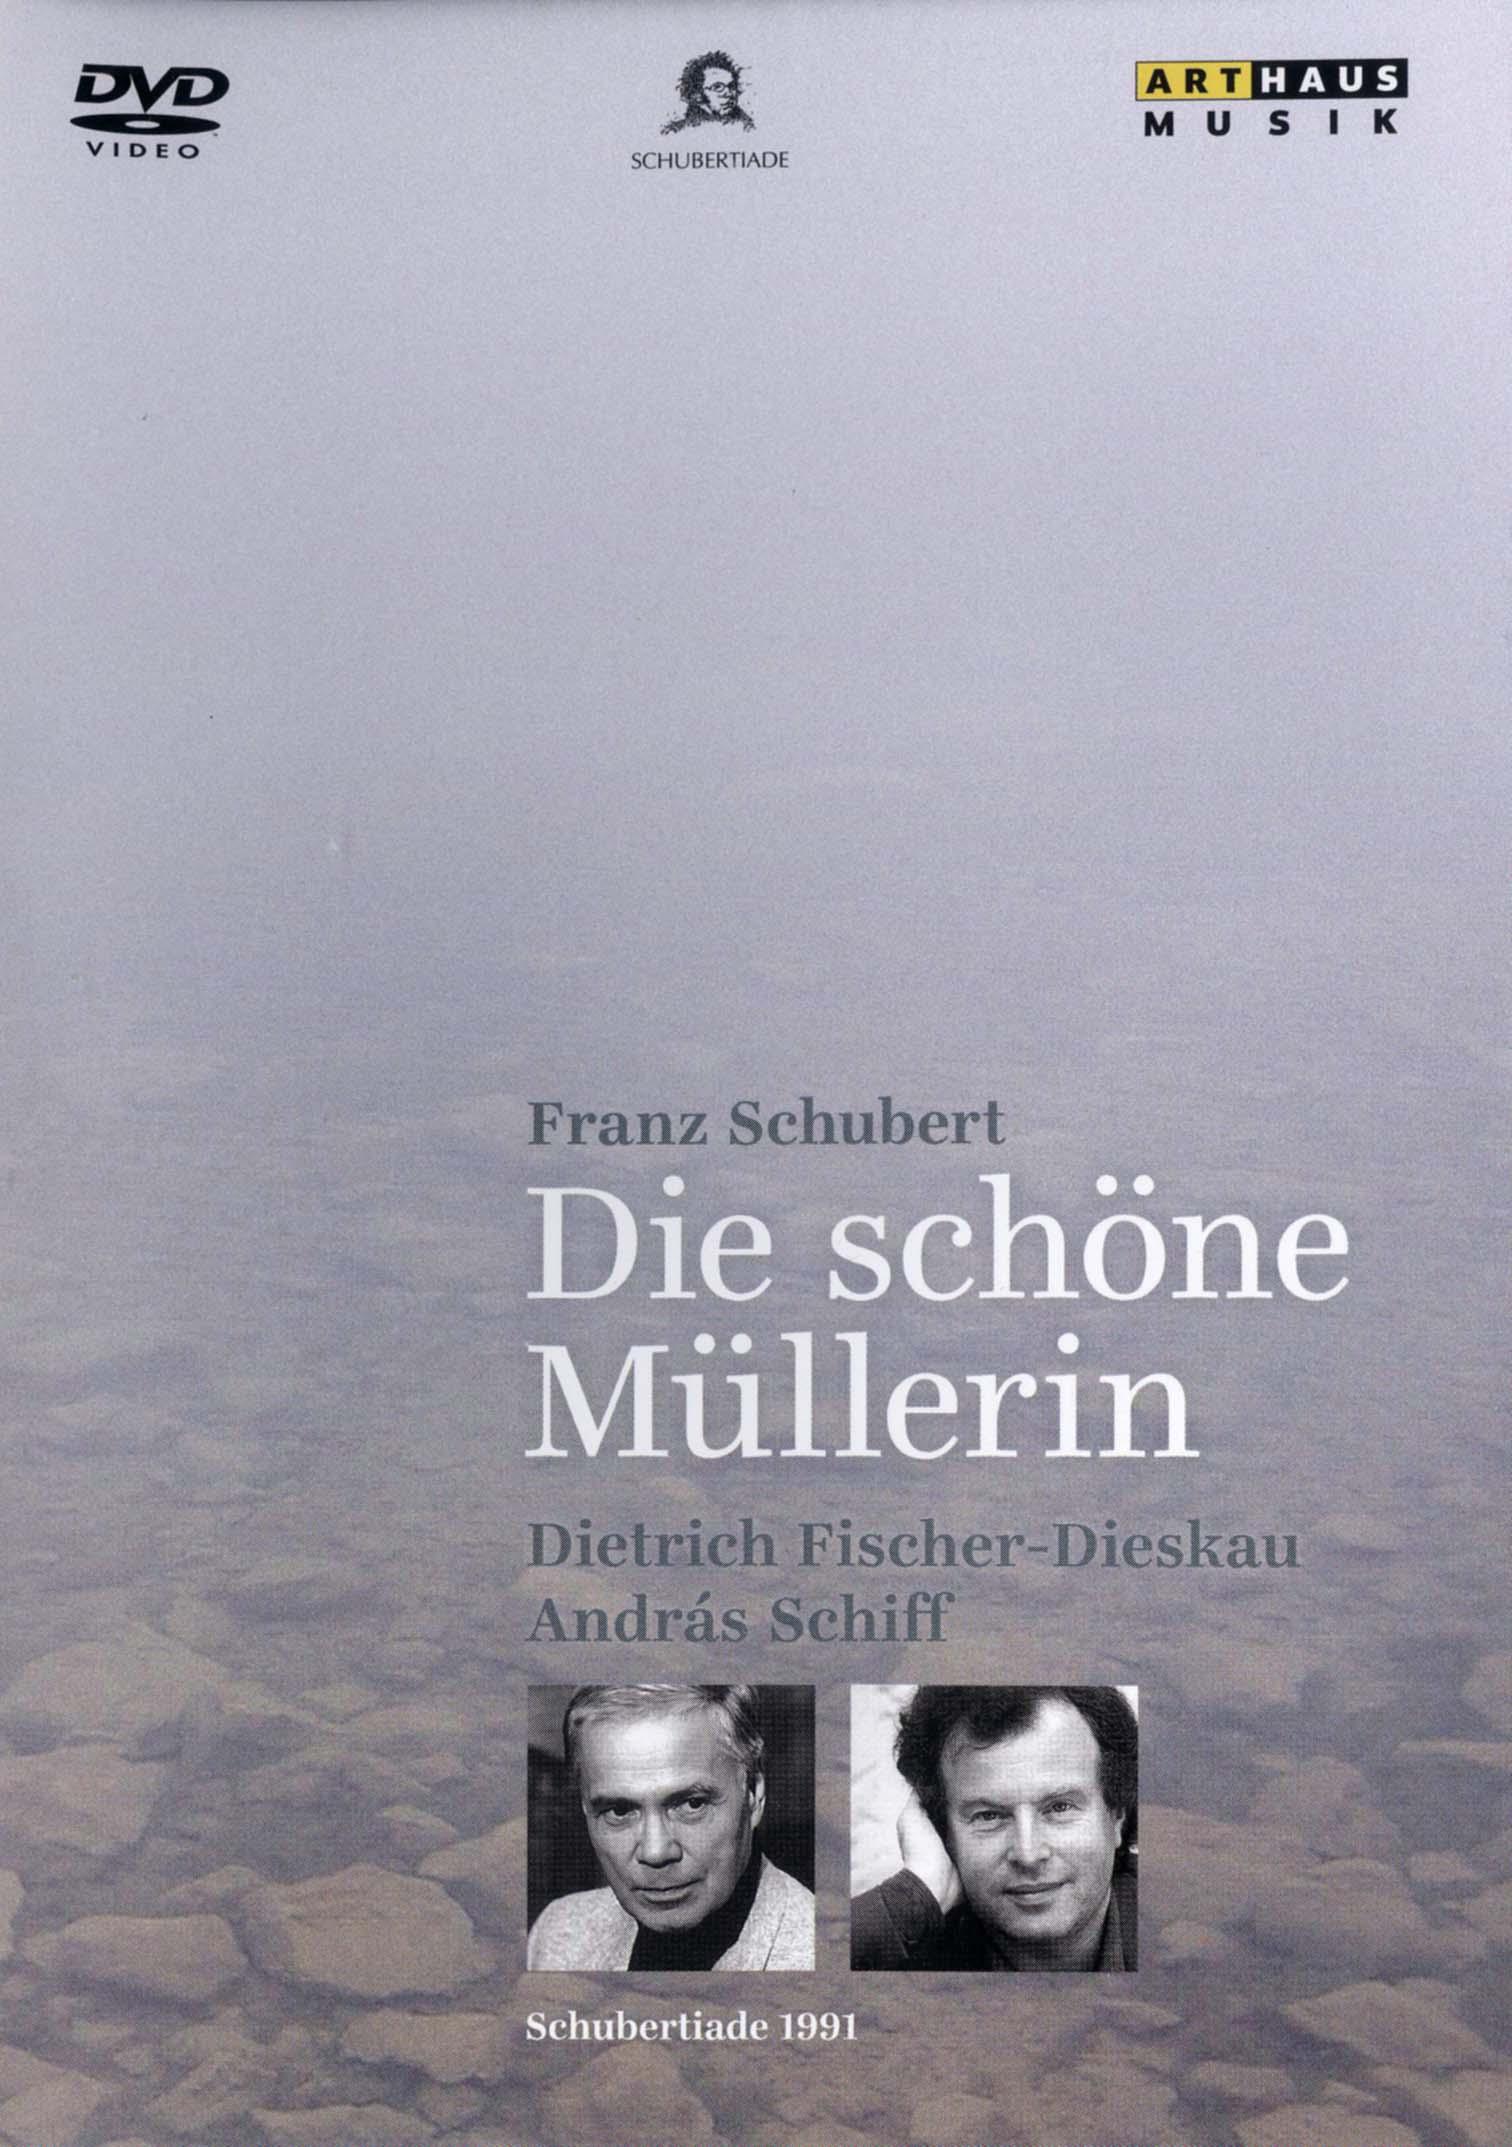 Dietrich Fischer-Dieskau/Andras Schiff: Franz Schubert - Die Schöne Müllerin